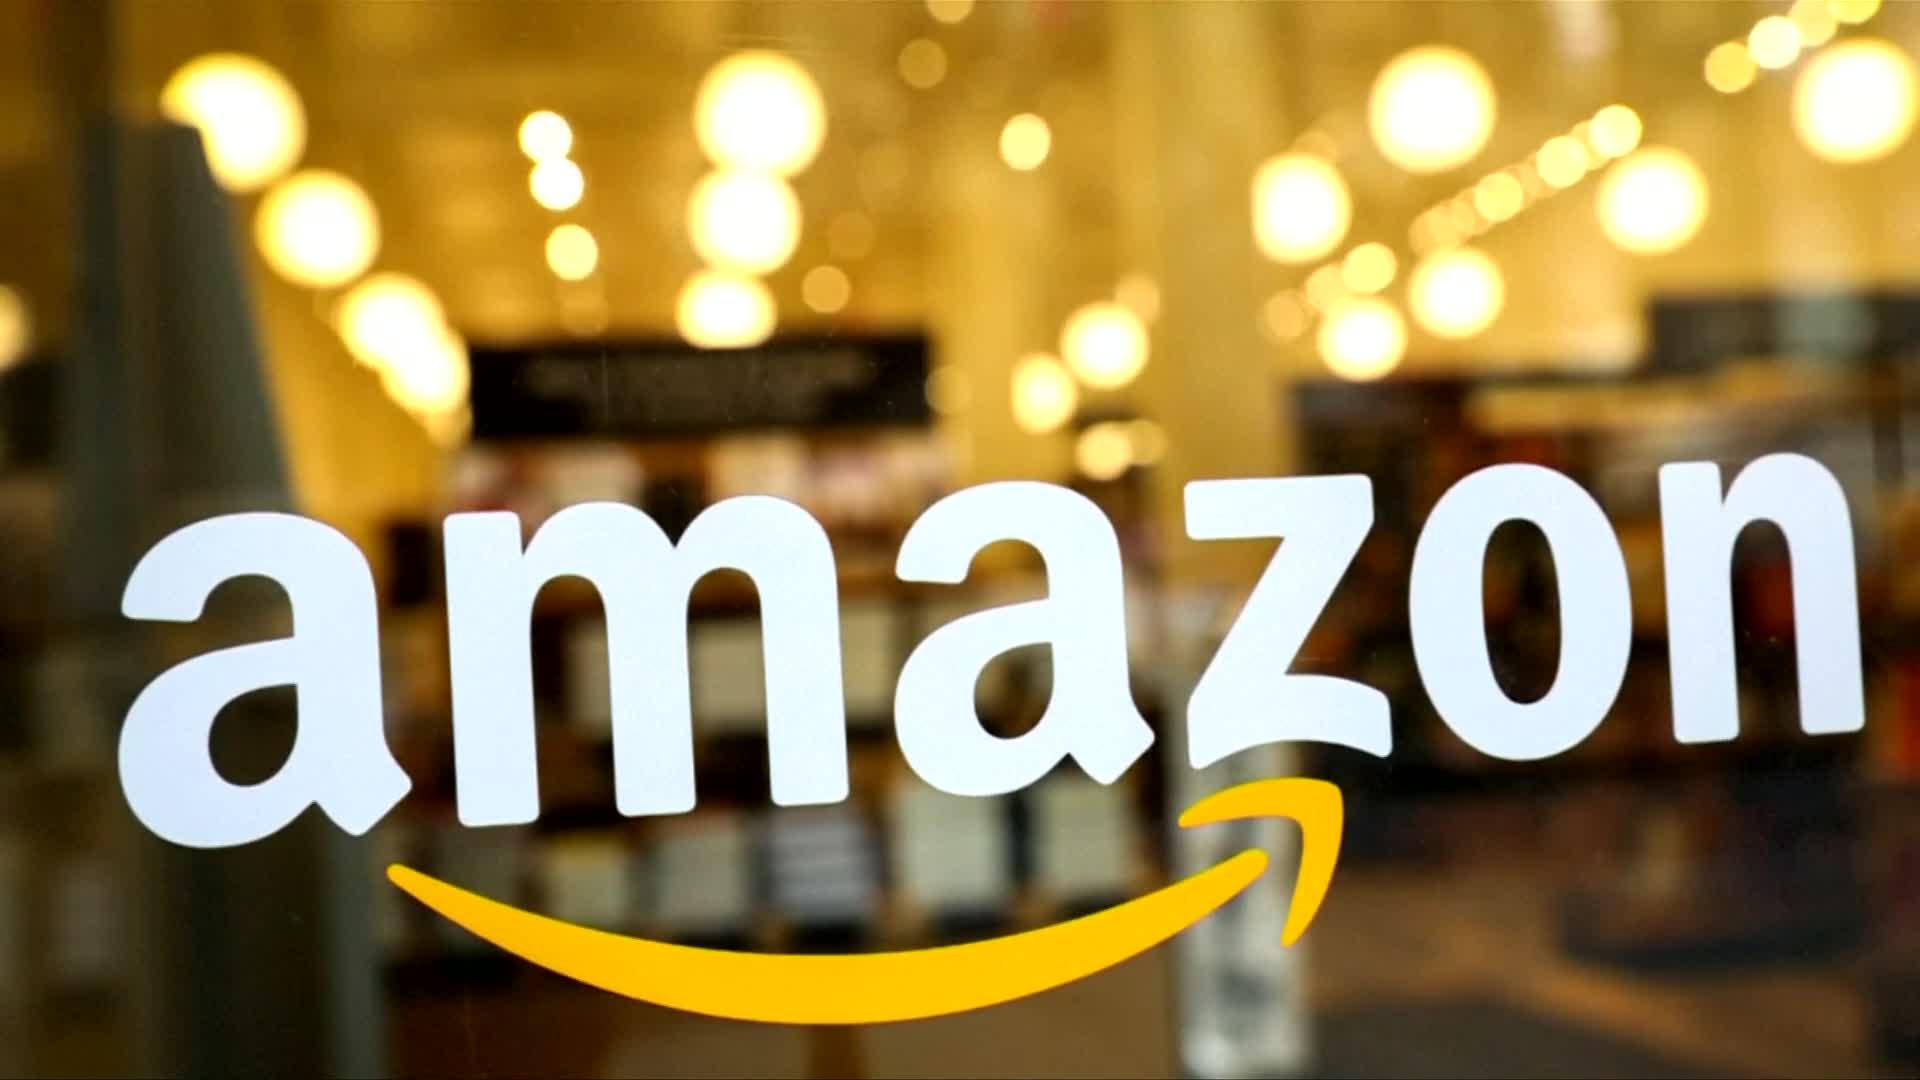 Китайский суд запретил Amazon использовать логотип ее облачного сервиса AWS в КНР